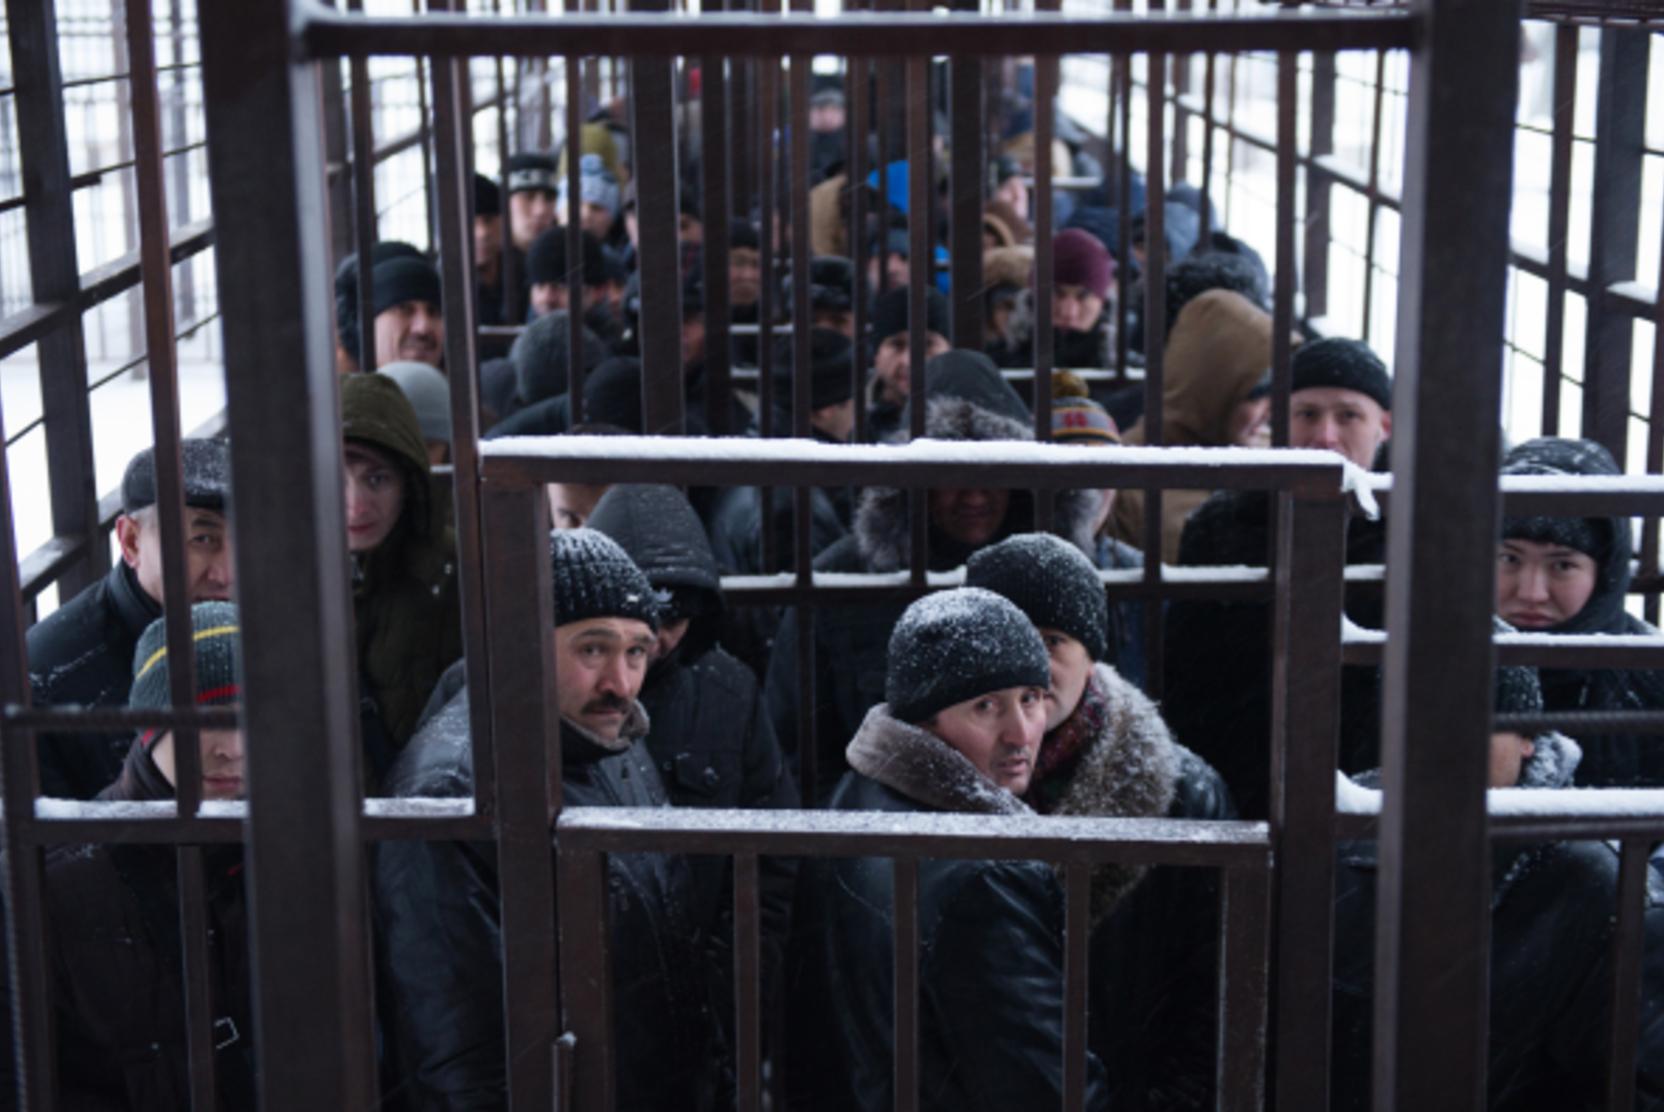 Около 167 тысяч мигрантов прописали в одном из московских домов